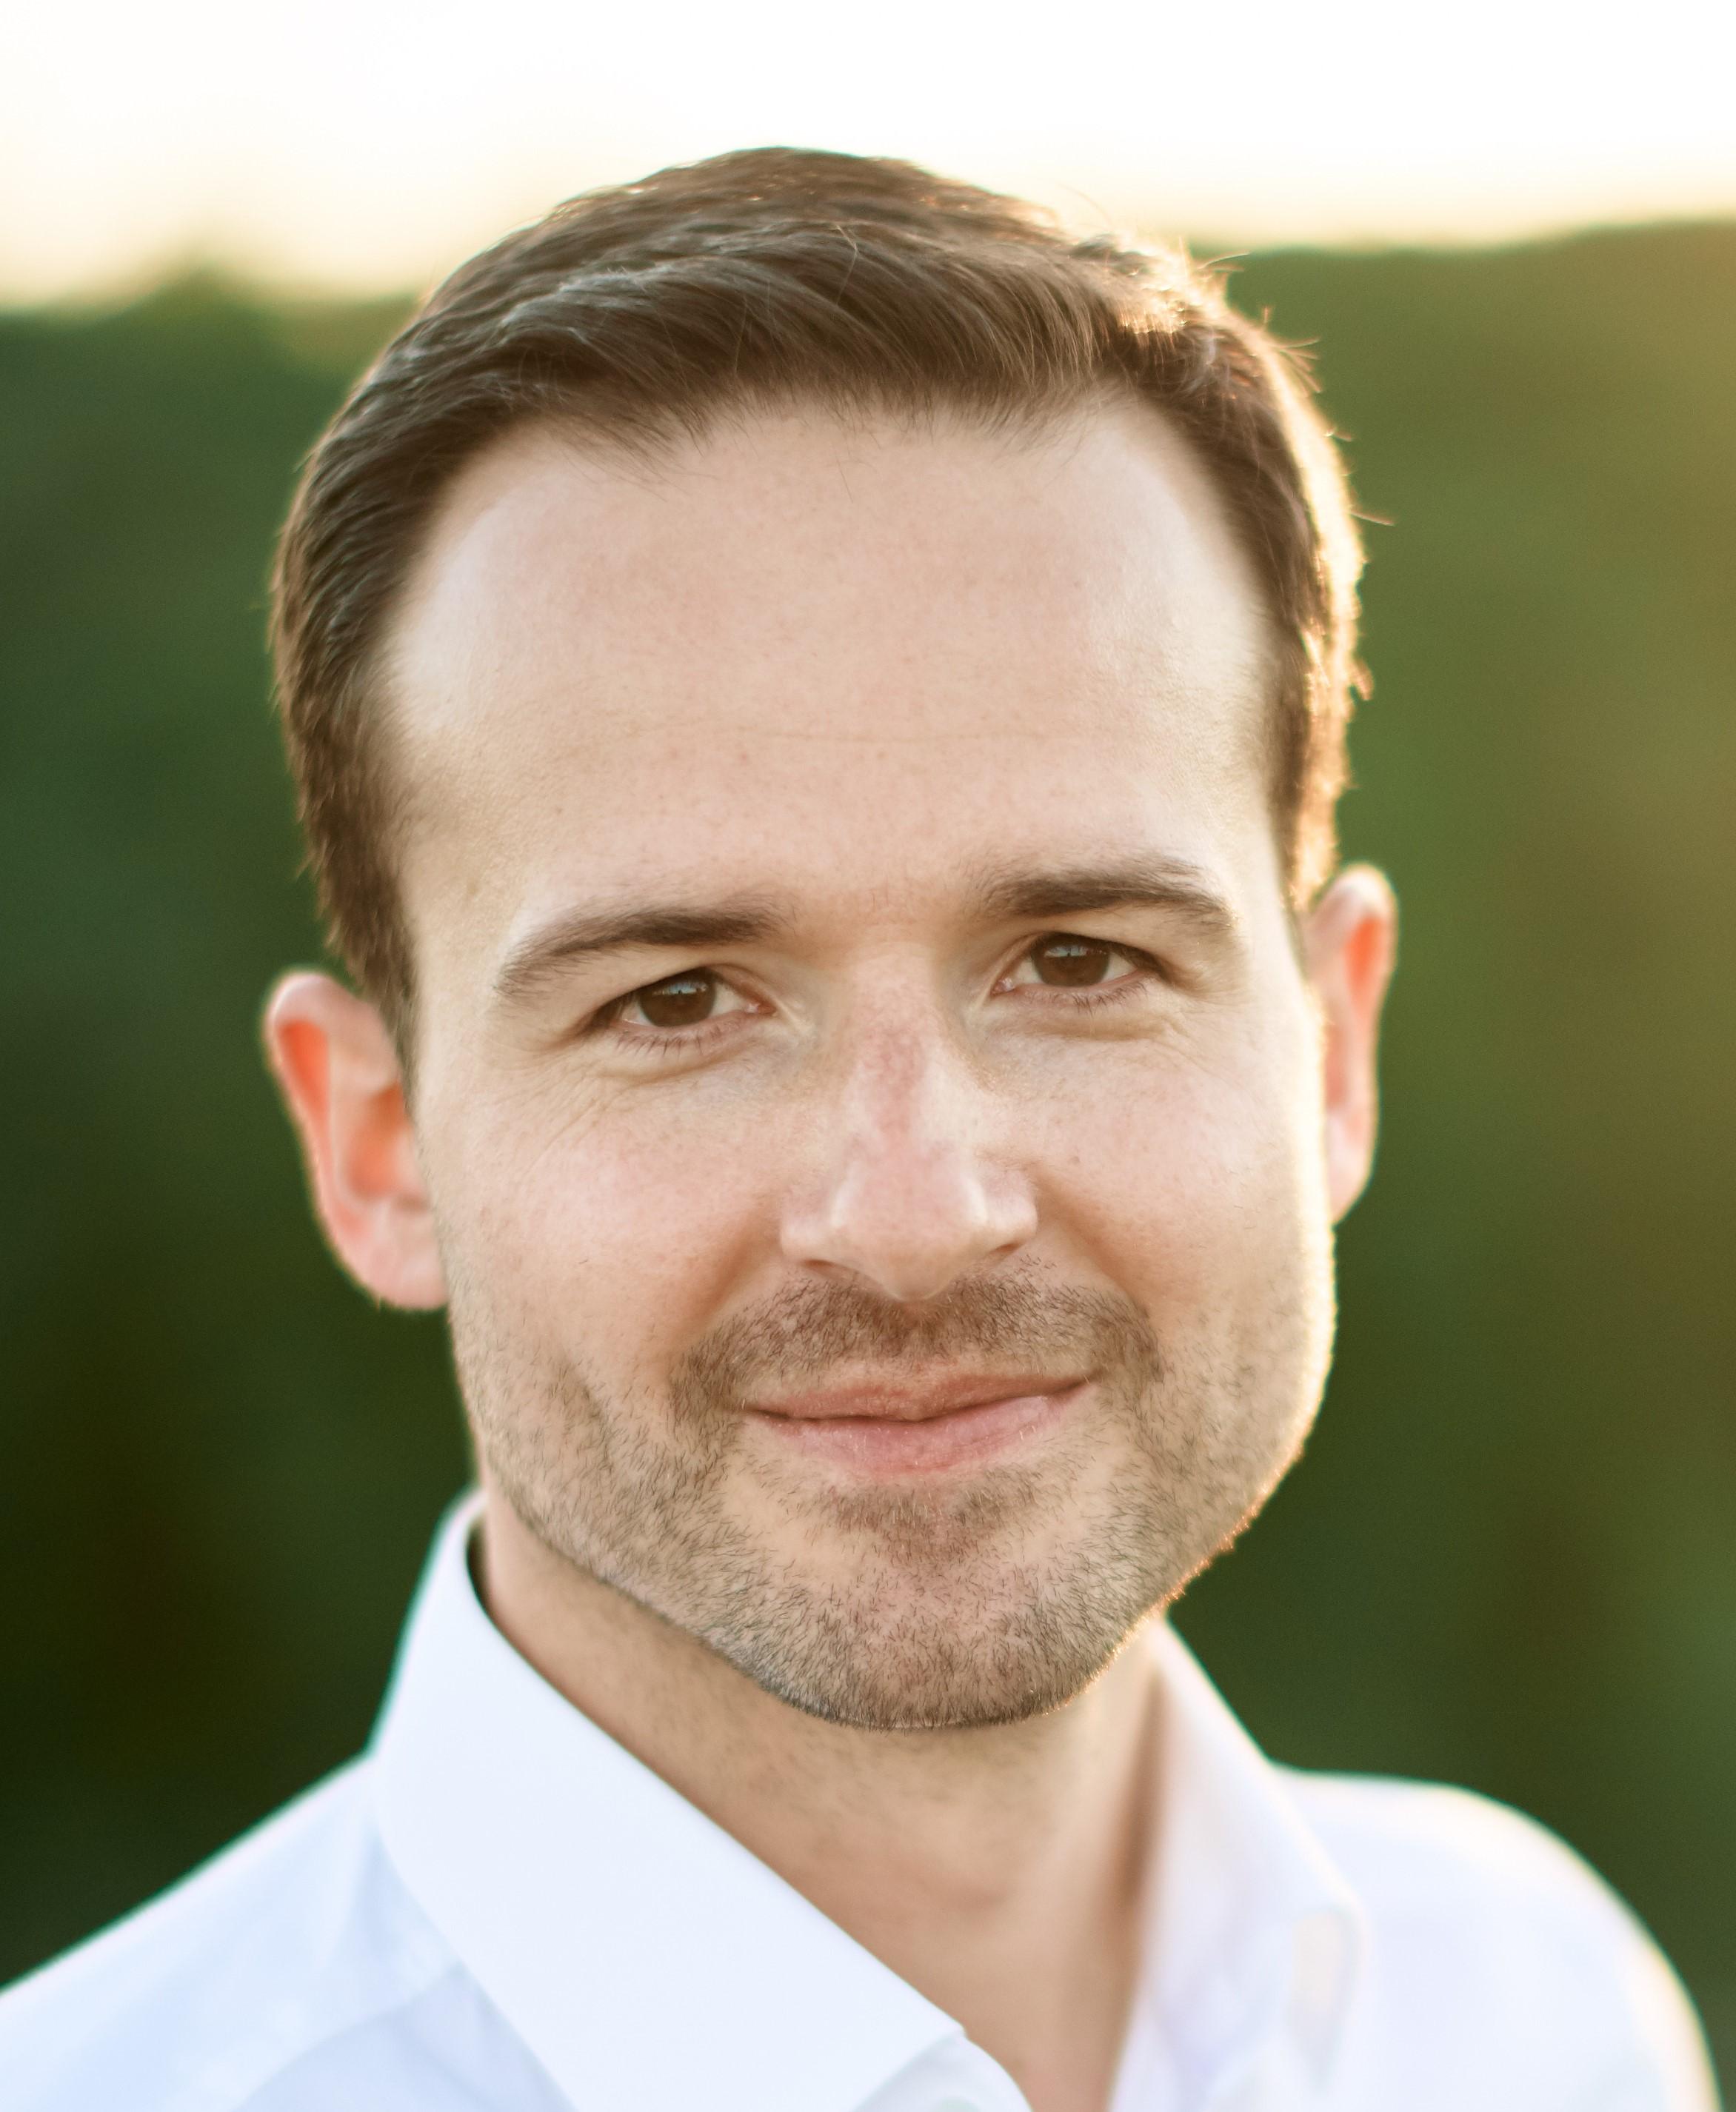 Tobias Stuhler